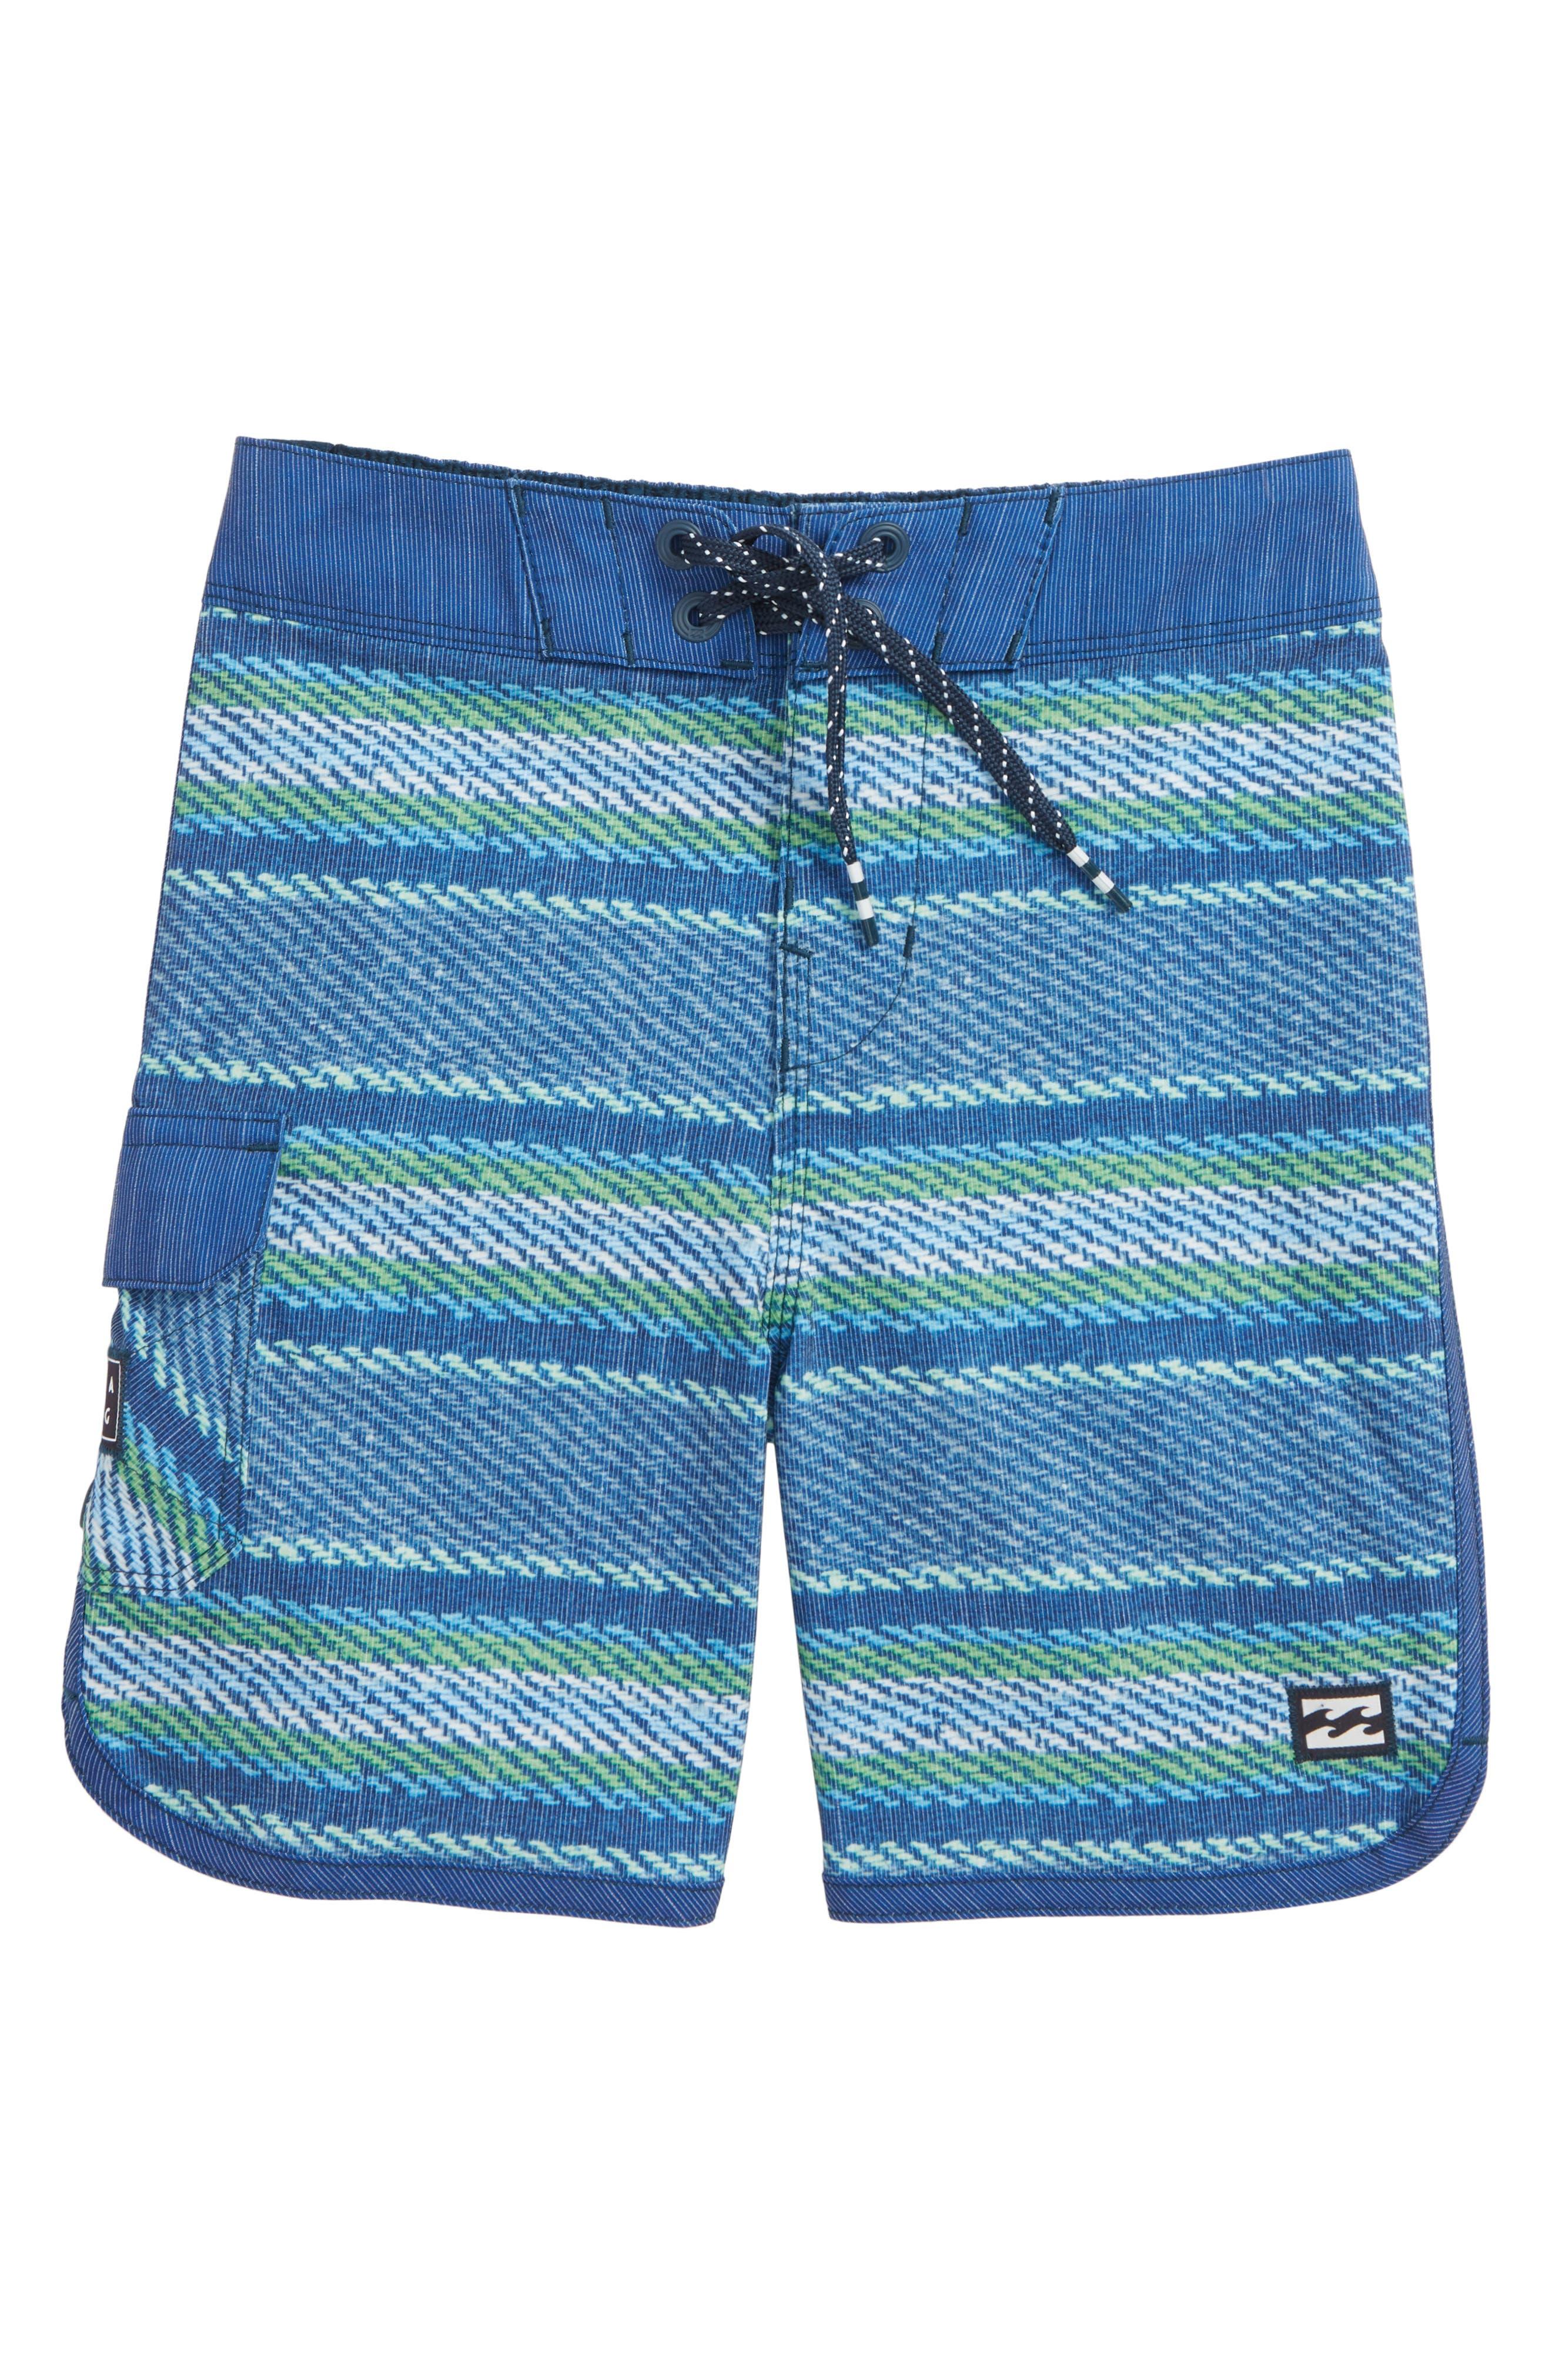 73 LT Lineup Board Shorts,                             Main thumbnail 1, color,                             415